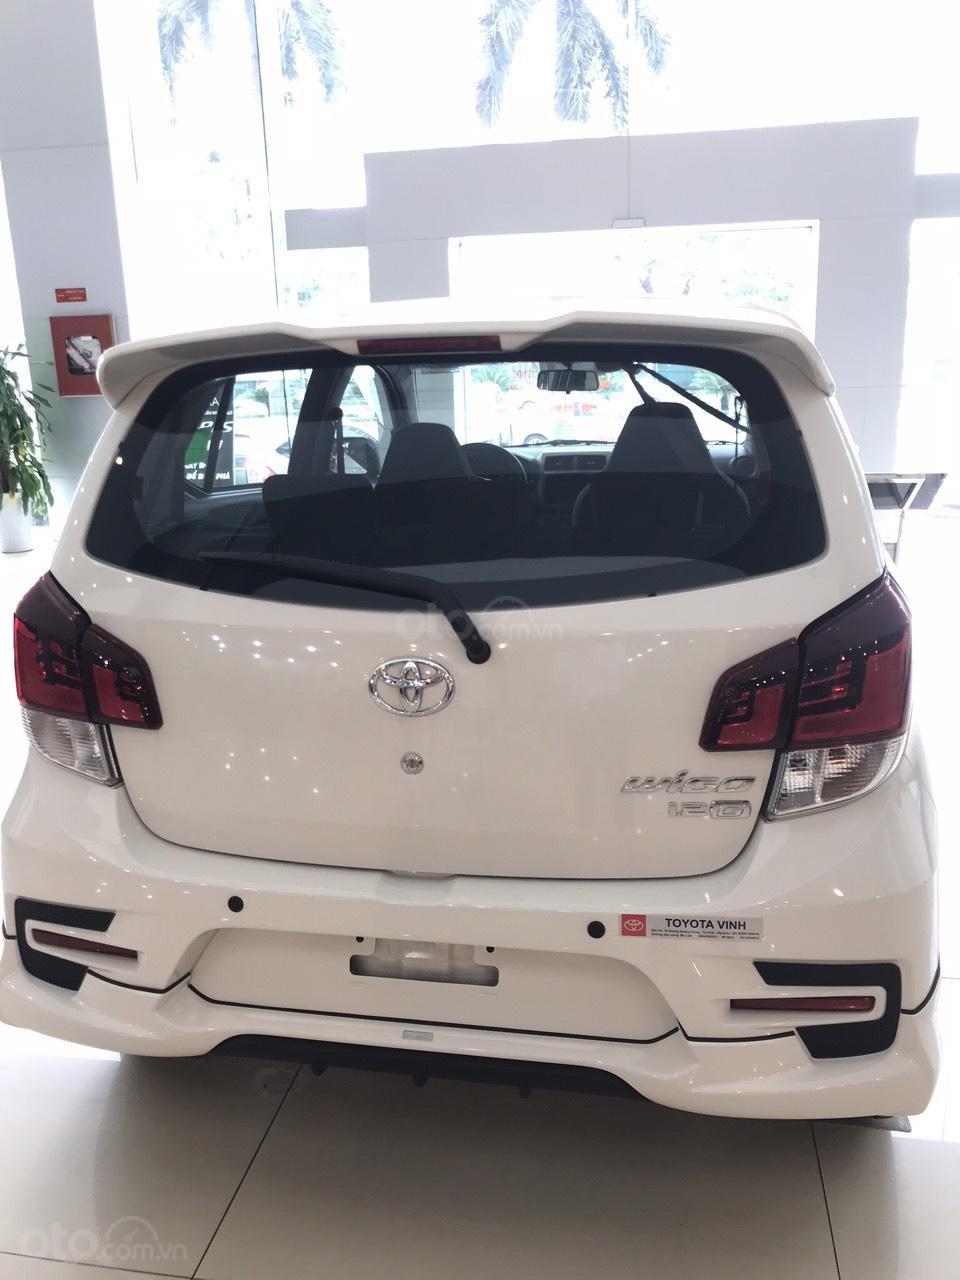 Toyota Vinh-Nghệ An-Hotline: 0904.72.52.66 bán xe Wigo tự động giá rẻ nhất Nghệ An, trả góp lãi suất từ 0% (6)